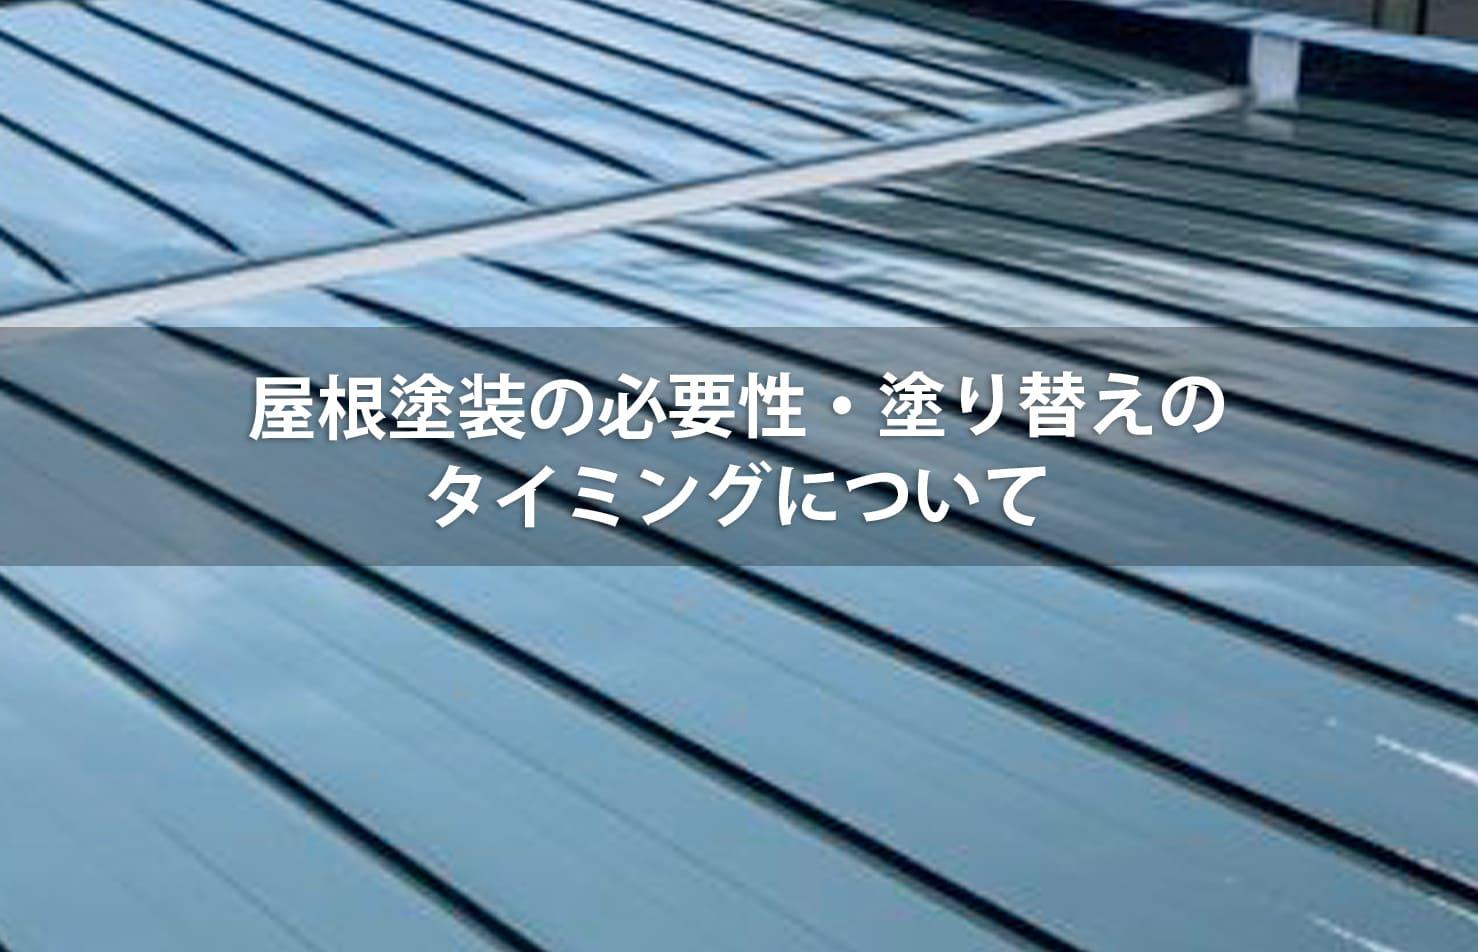 塗装 屋根 屋根塗装を外壁塗装のついでに行うと失敗する理由